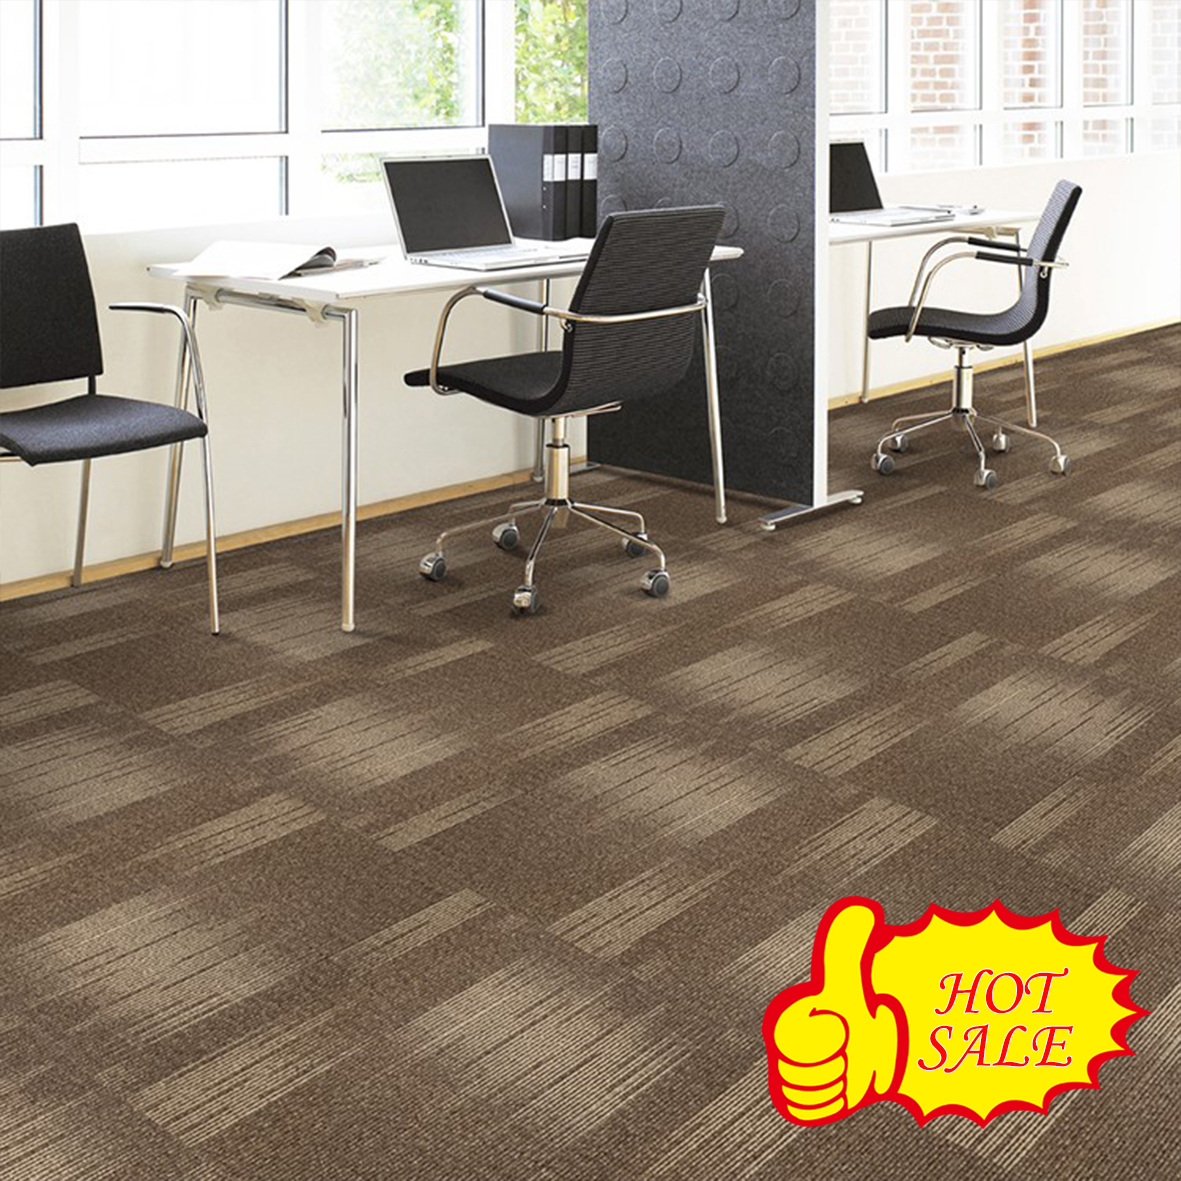 Bright Color Jacquard Designed Nylon club carpet tile